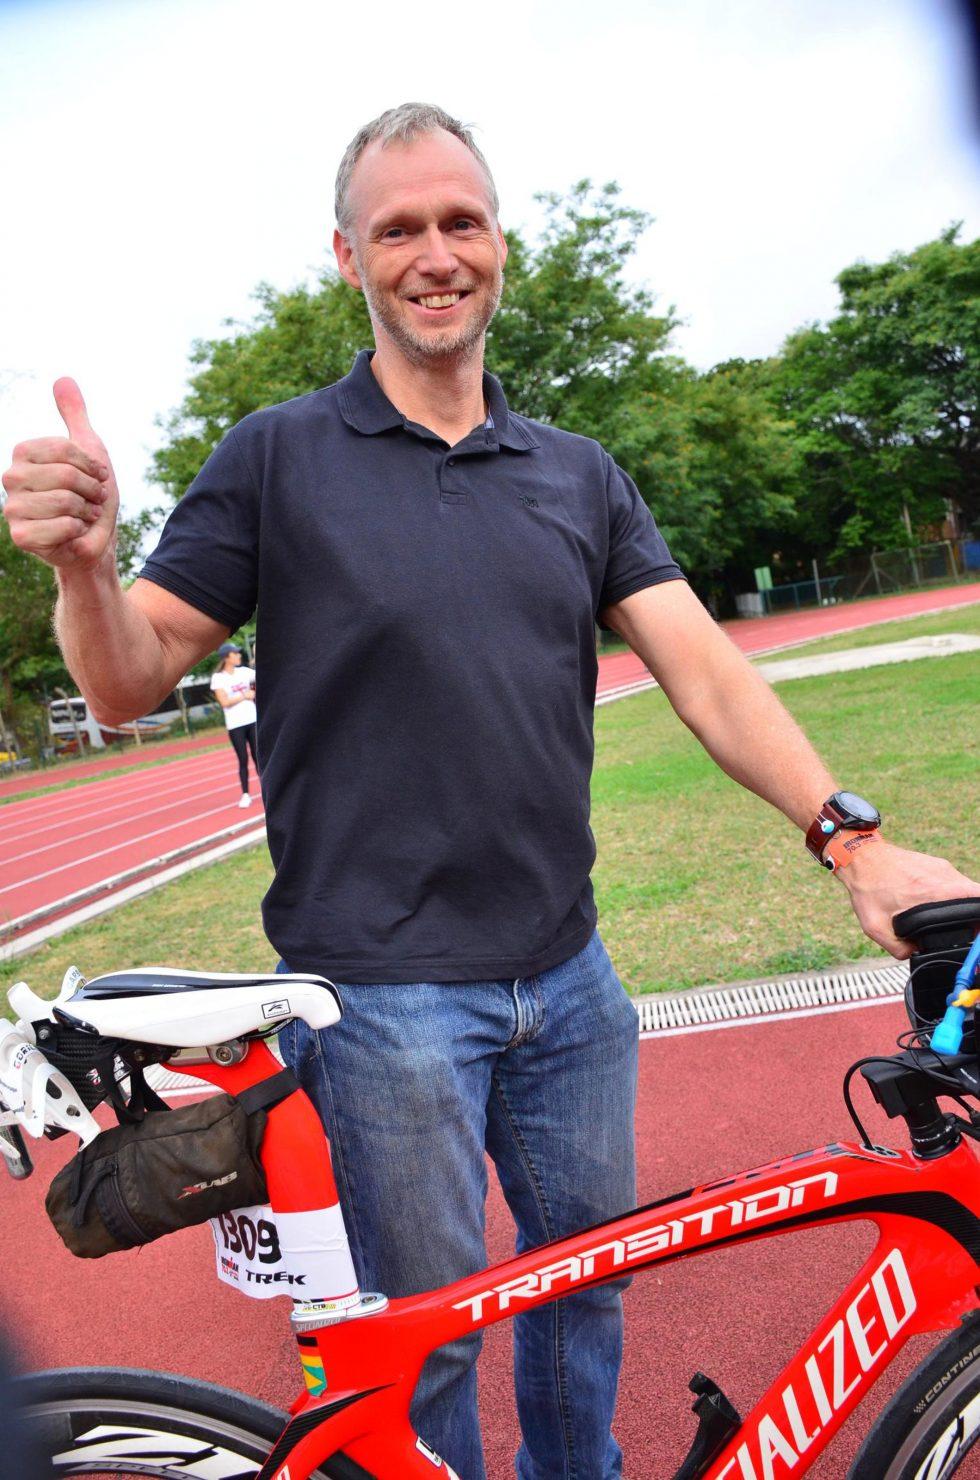 Bike check in IM 70.3 SP